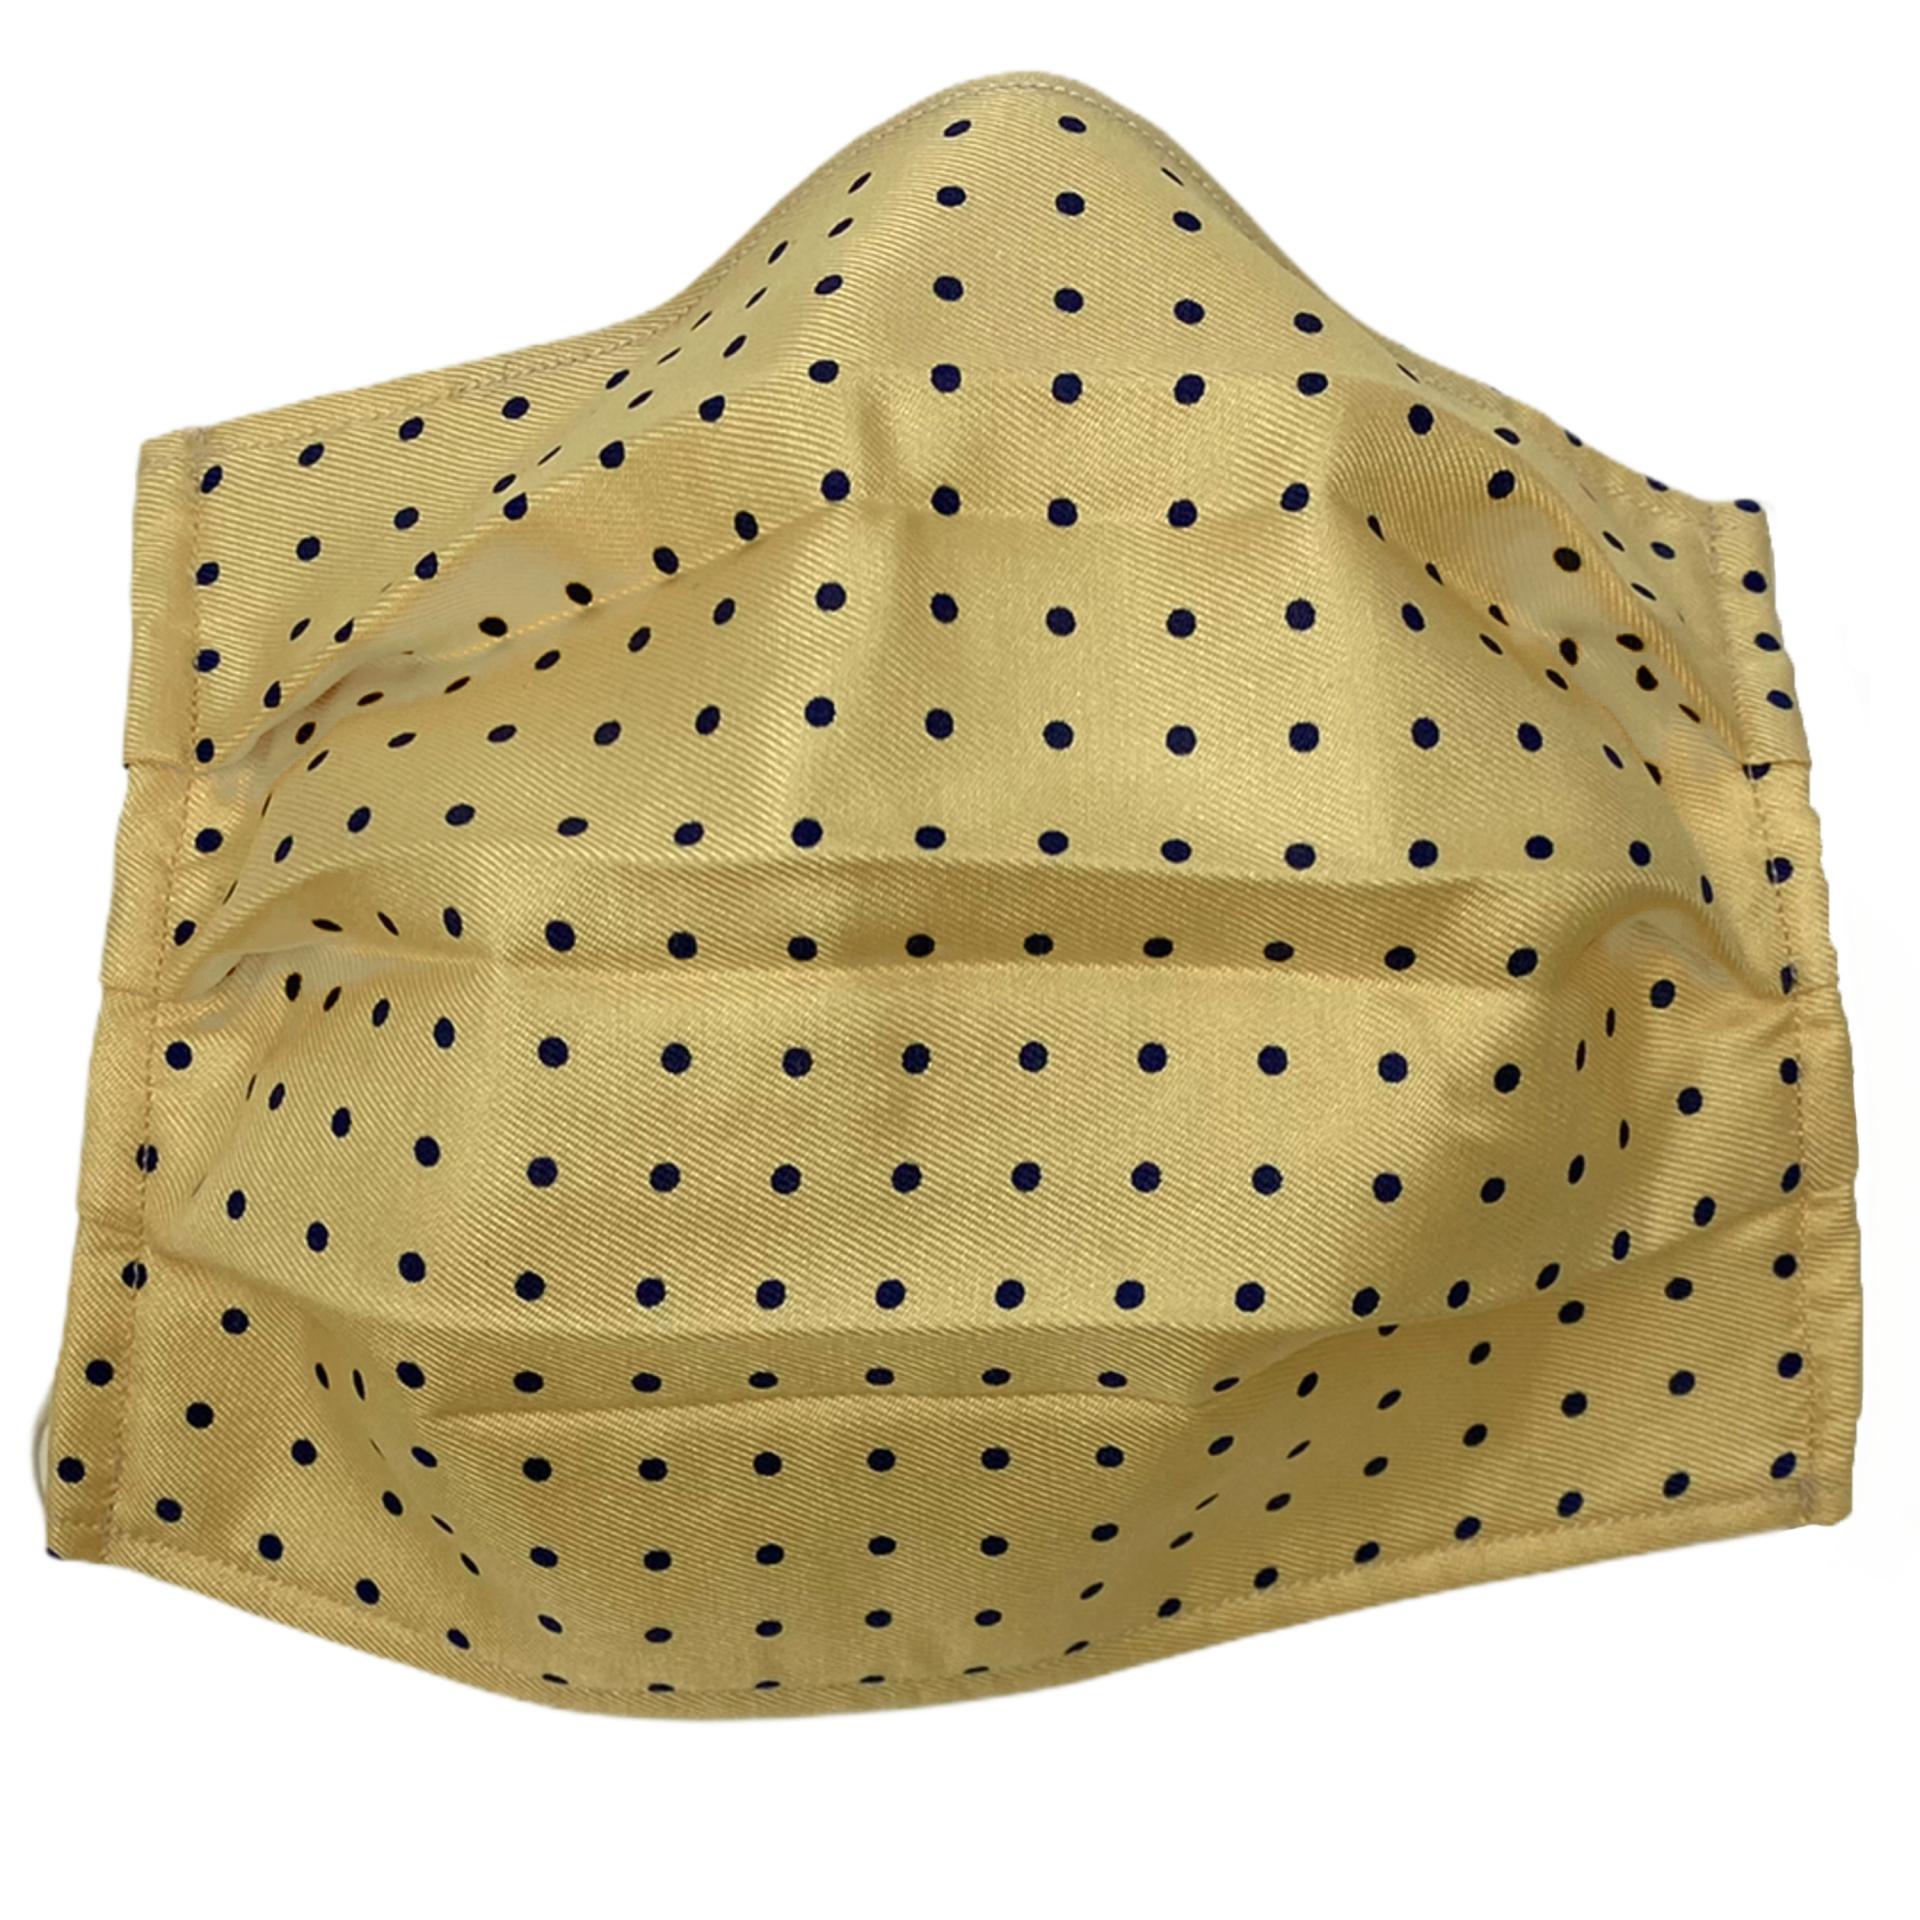 Wiederverwendbare stoffmaske seiden, gelb punkte design